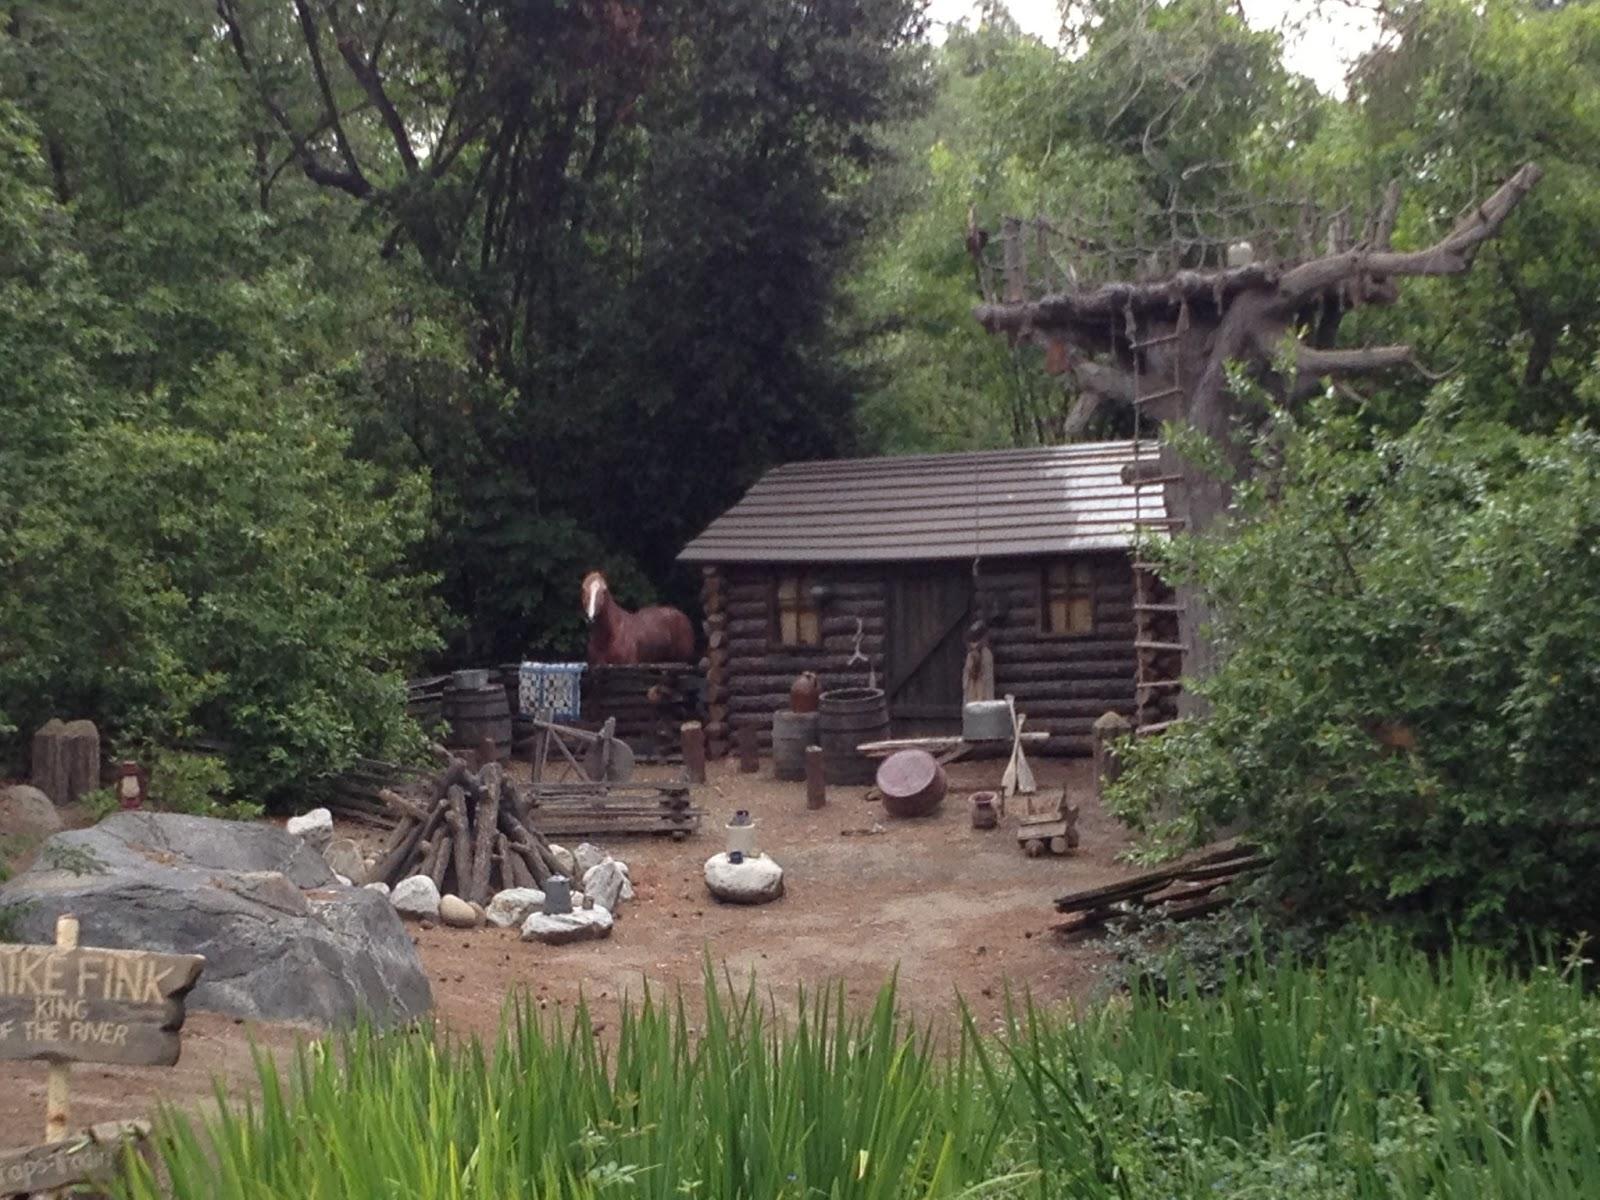 Disneyland Report THROWBACK THURSDAY Burning Settlers Cabin